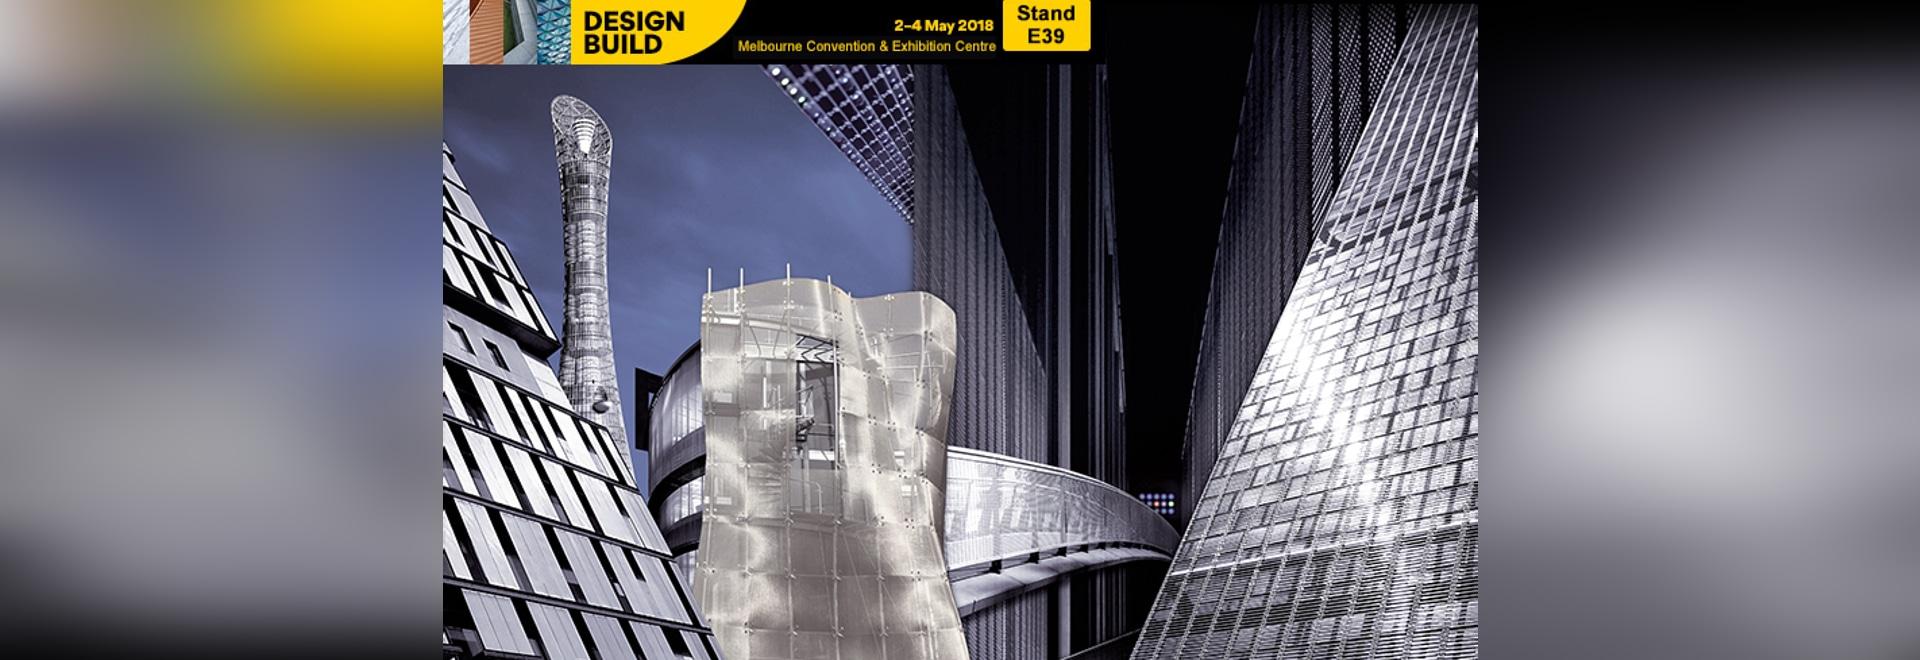 Maille architecturale de HAVER chez DesignBuild 2018